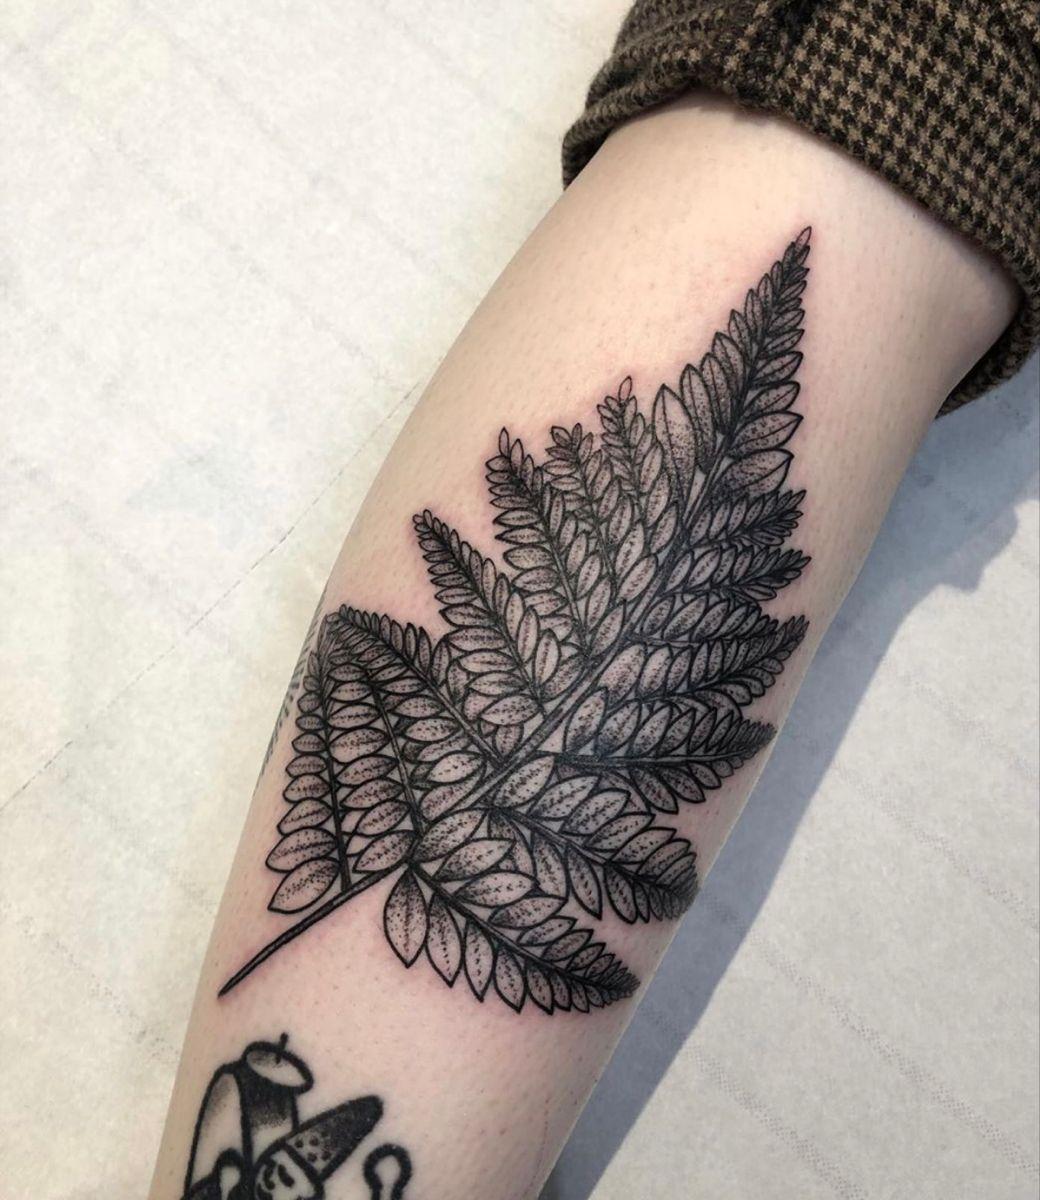 #leaftattoo #naturetattoo #armtattoo #armtattoodesigns #armtattooideas #londontattoo #tattoosleeve #tattooideas #tattooartist #tattooart #blackwork #blackworktattoo #blackworkerssubmission #blackworknow